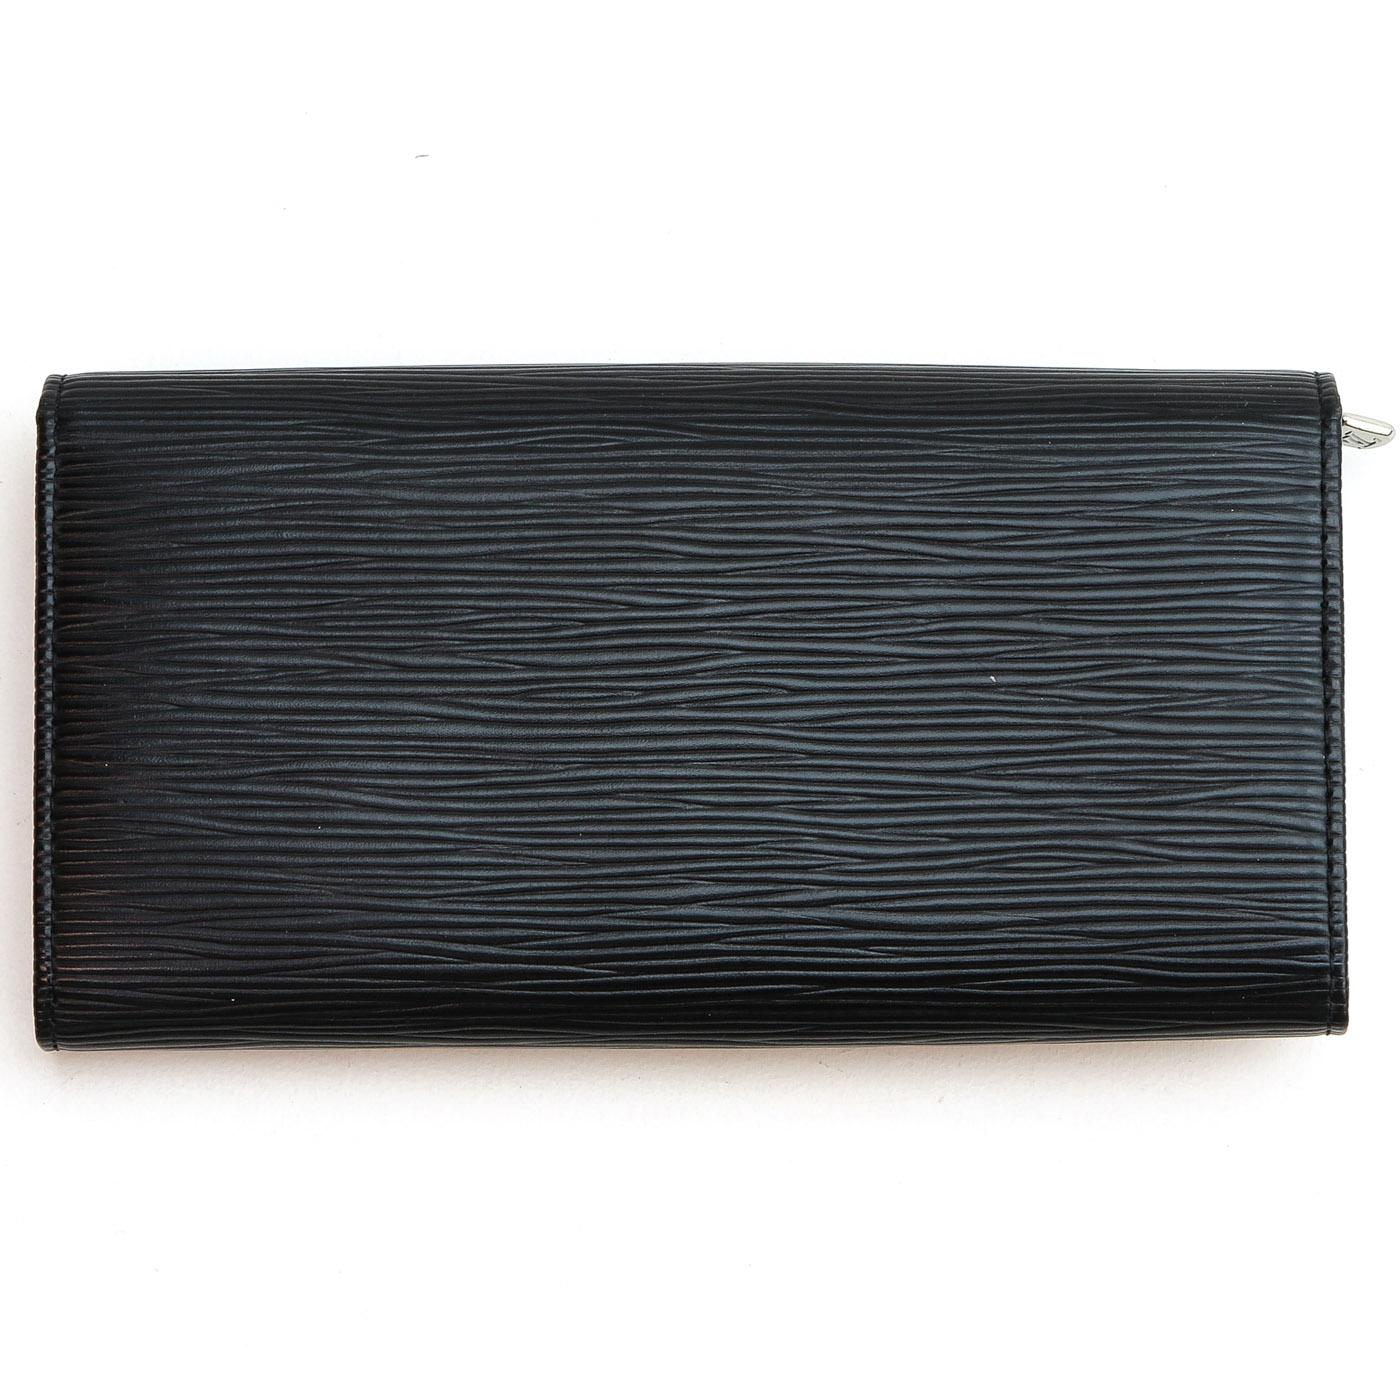 Lot 1267 - A Louis Vuitton Epi Leather Wallet